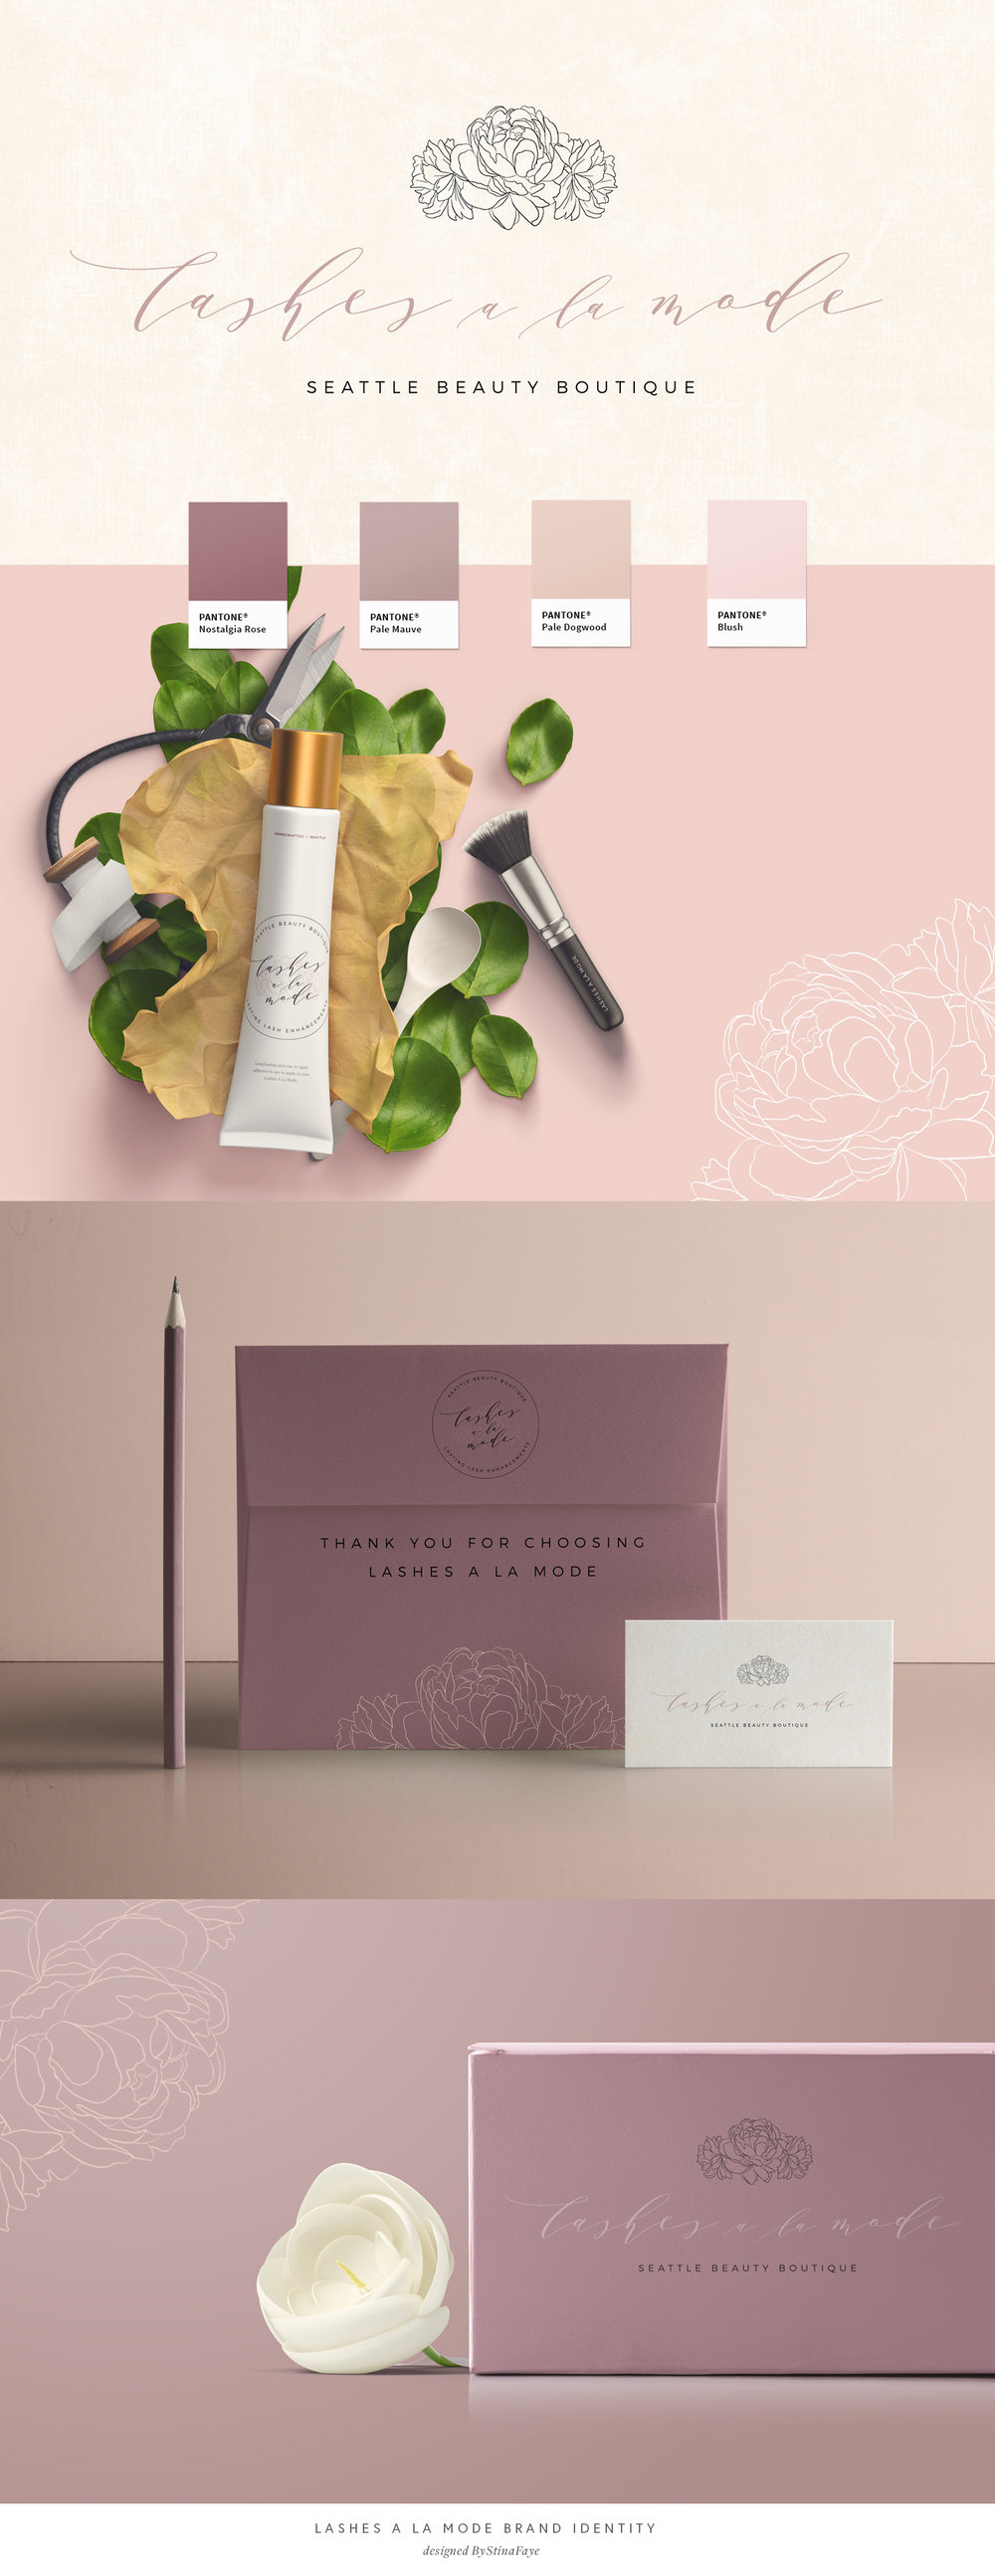 Lashes A La Mode Brand & Web Design